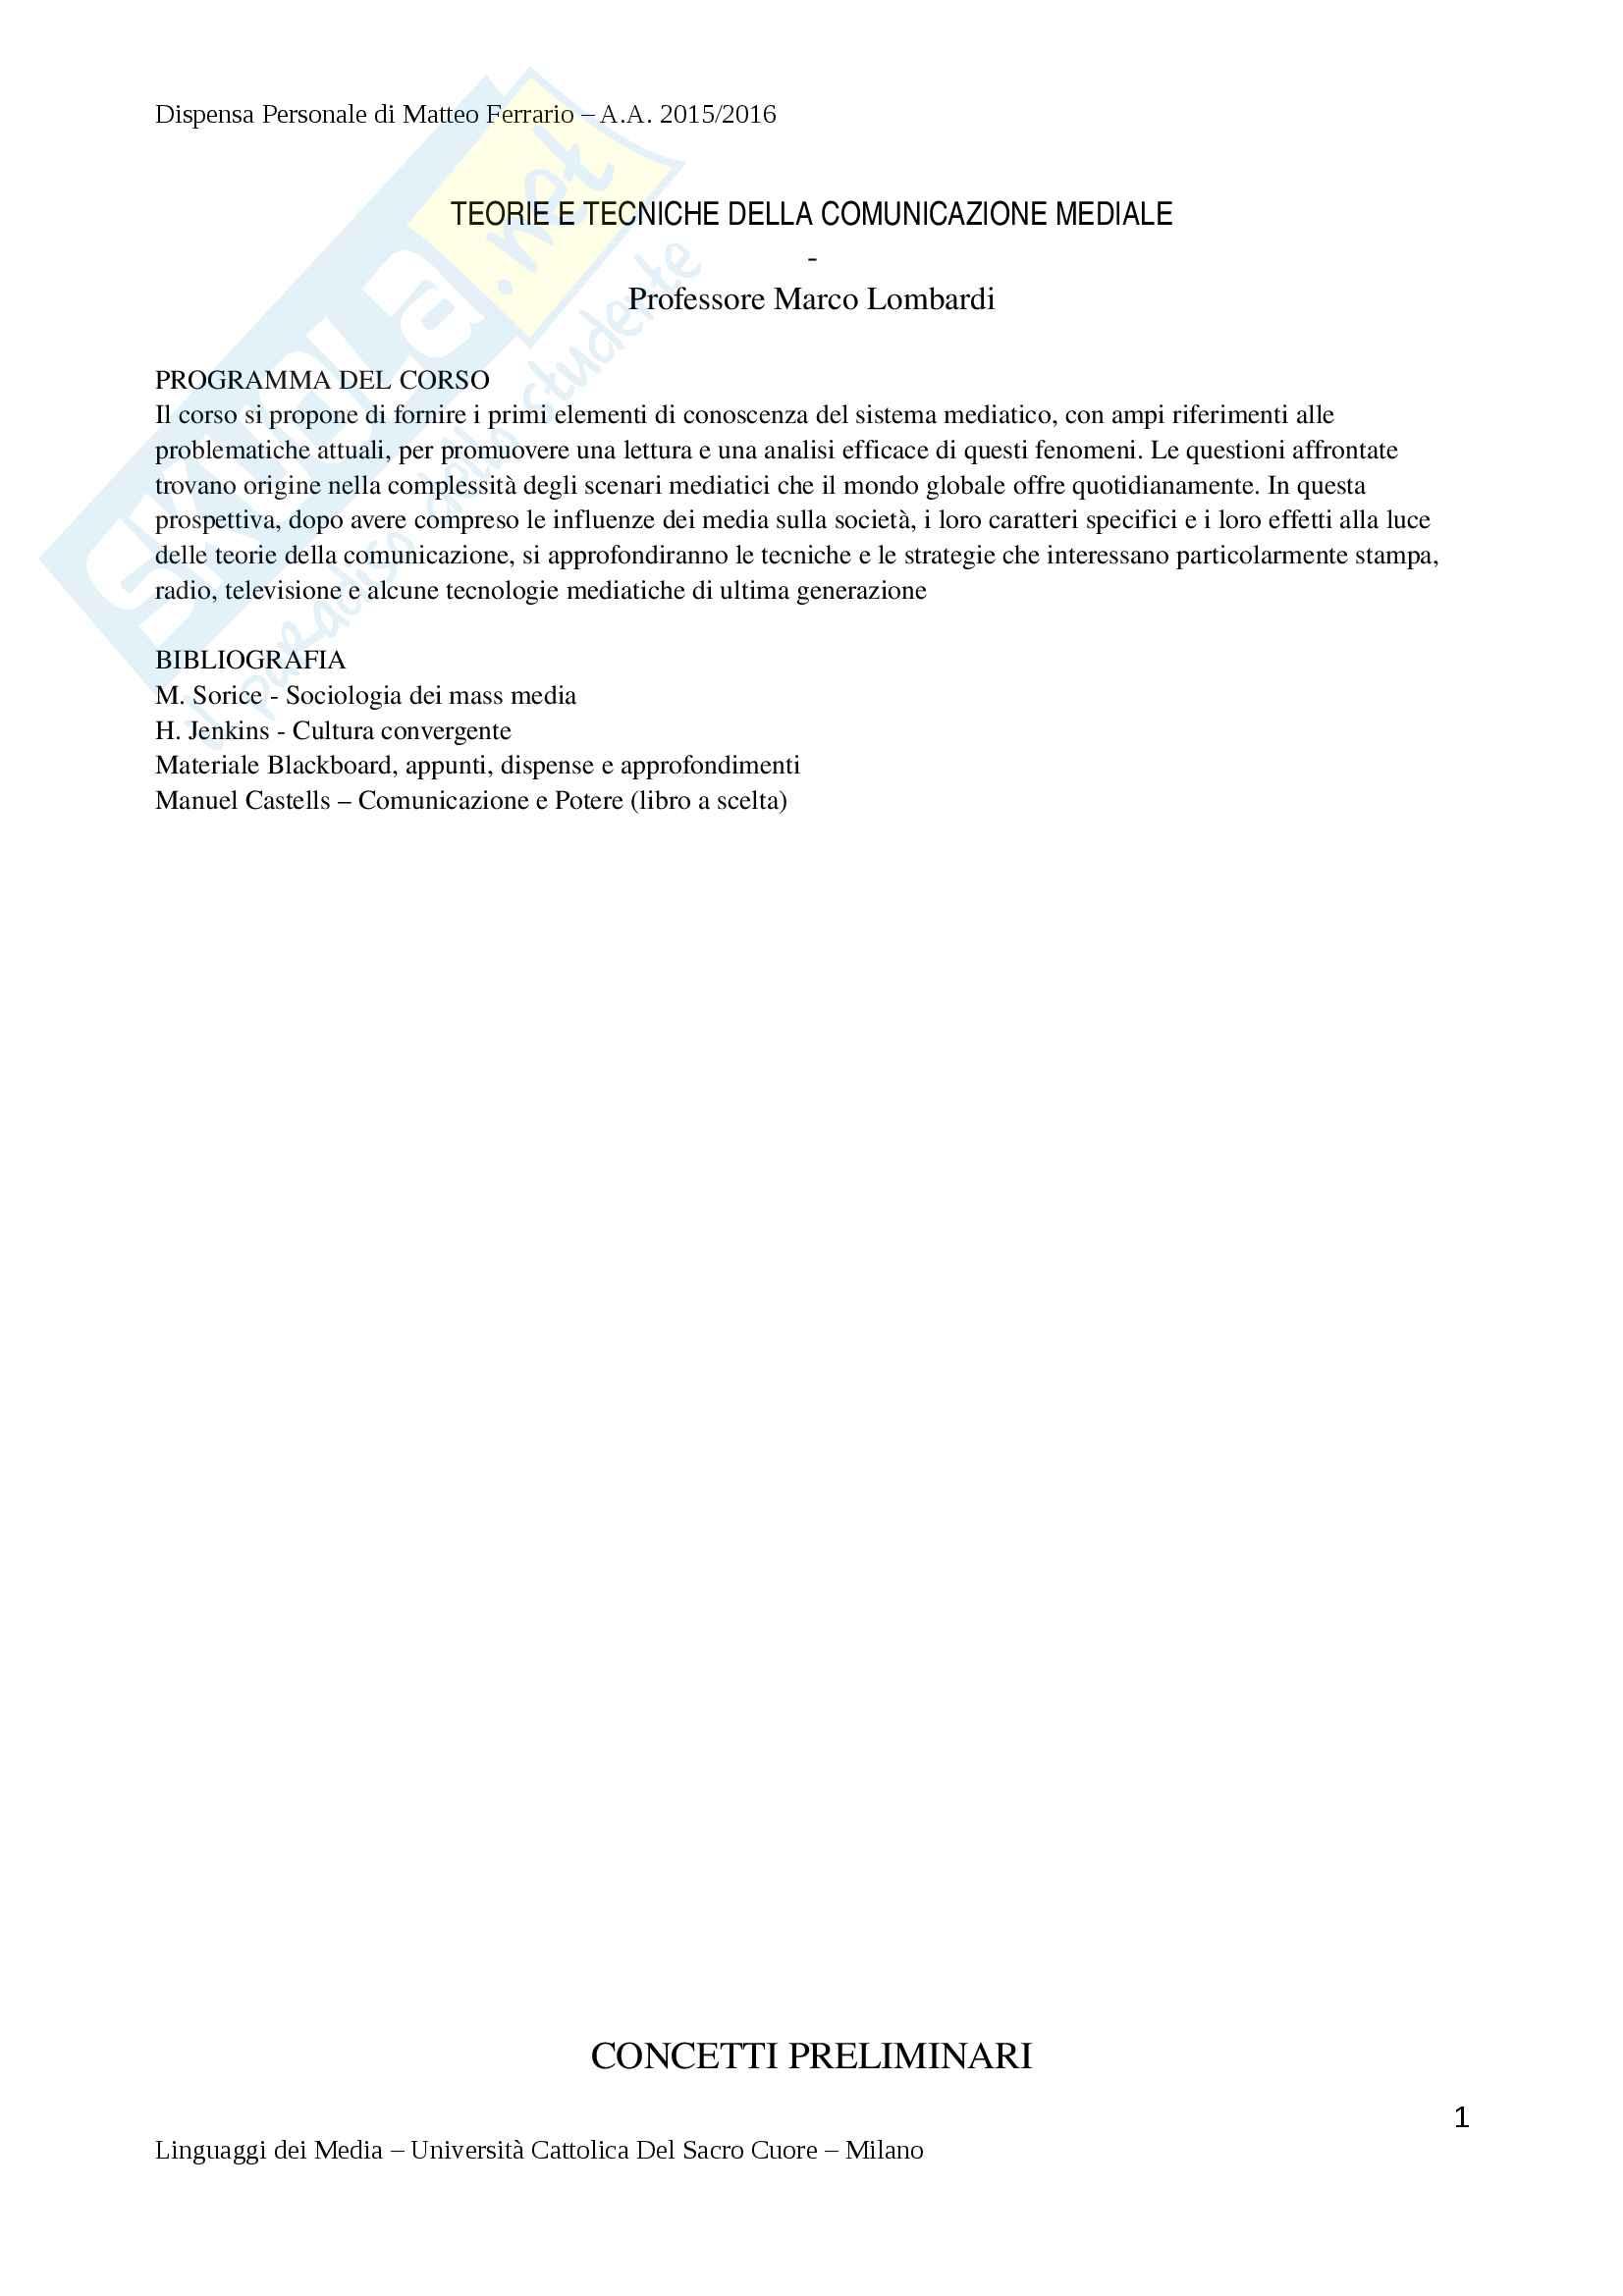 Riassunto Esame di Teorie e Tecniche della Comunicazione Mediale - Prof. Lombardi